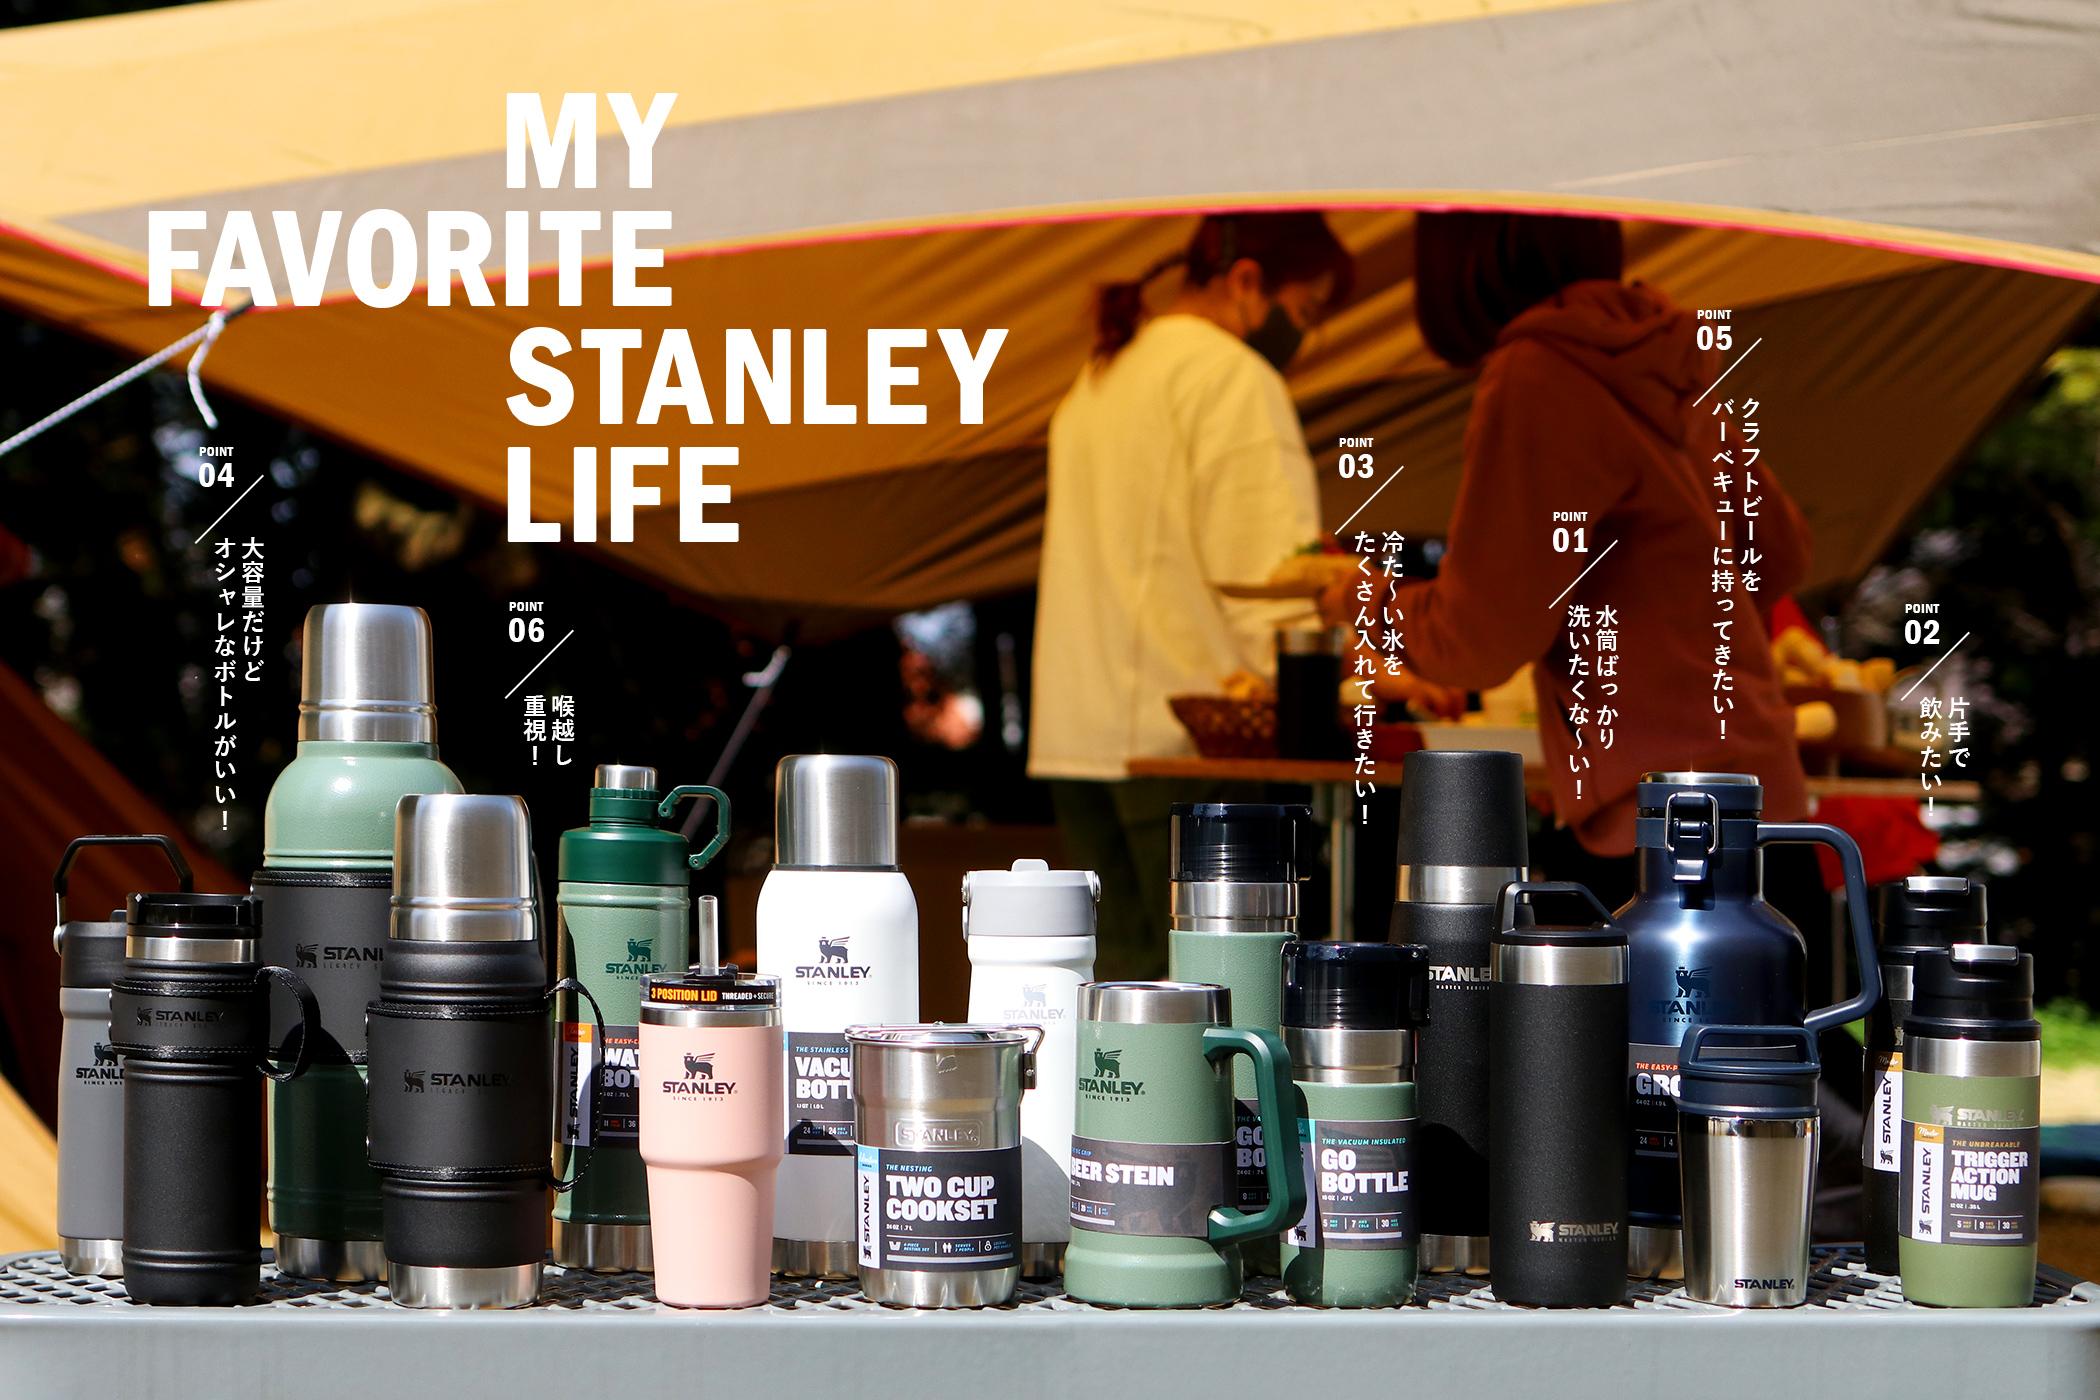 MY FAVORITE STANLEY LIFE ~スタンレーの選び方のポイントは?~